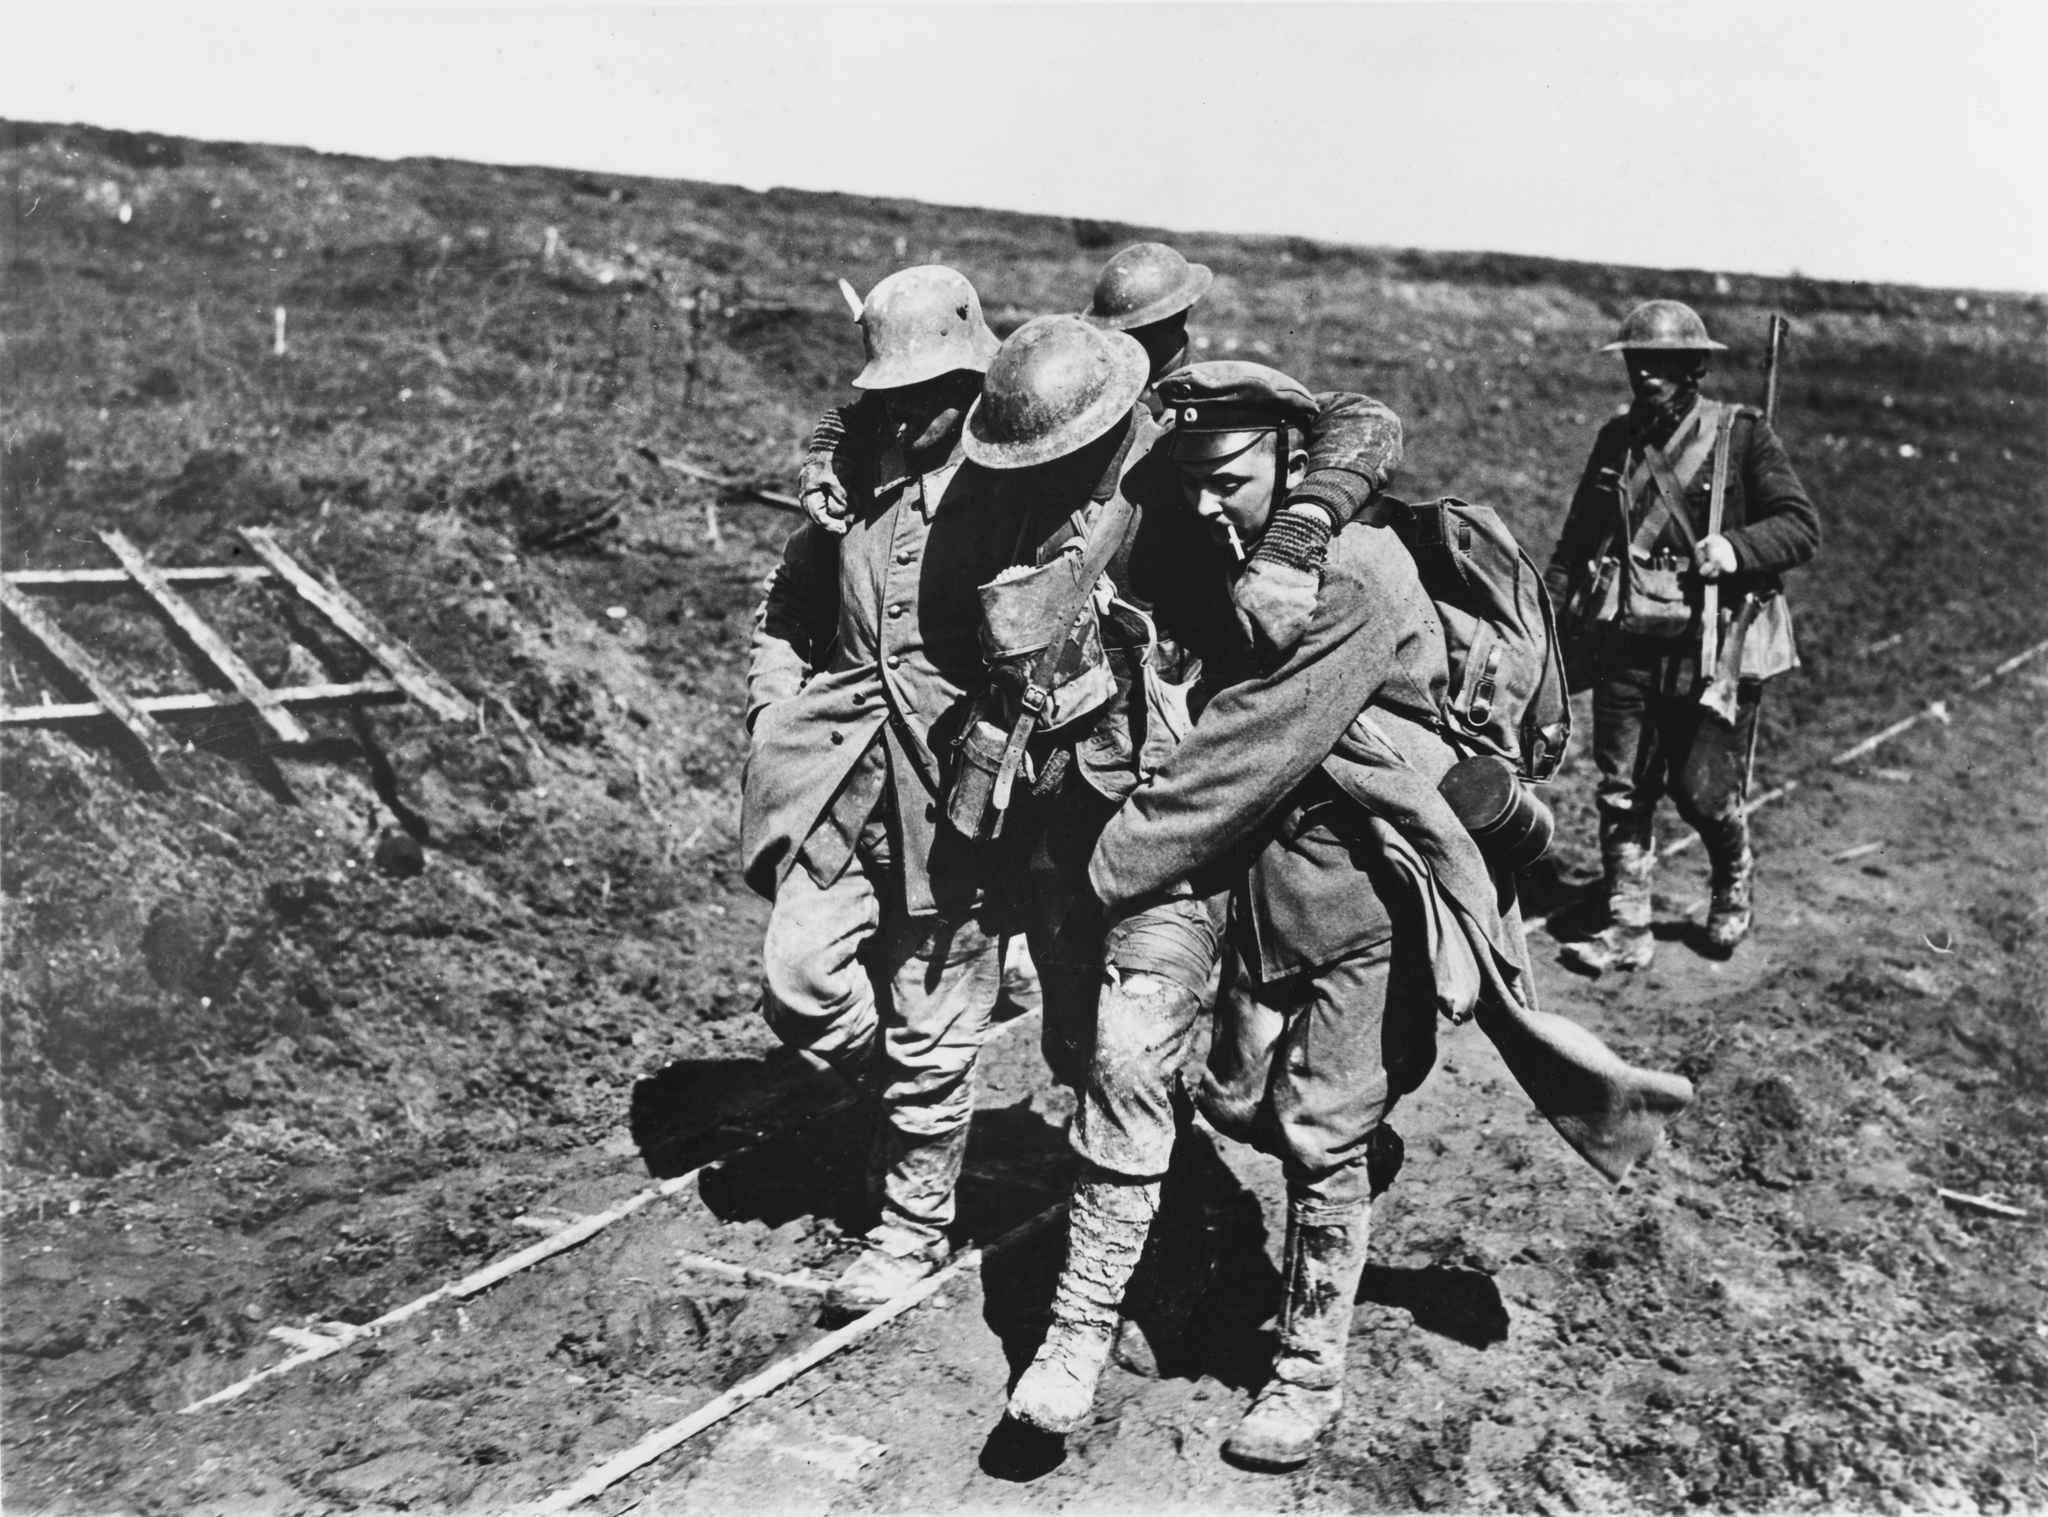 Holland et Trudeau lancent le centenaire de la bataille d'Arras, avant Vimy